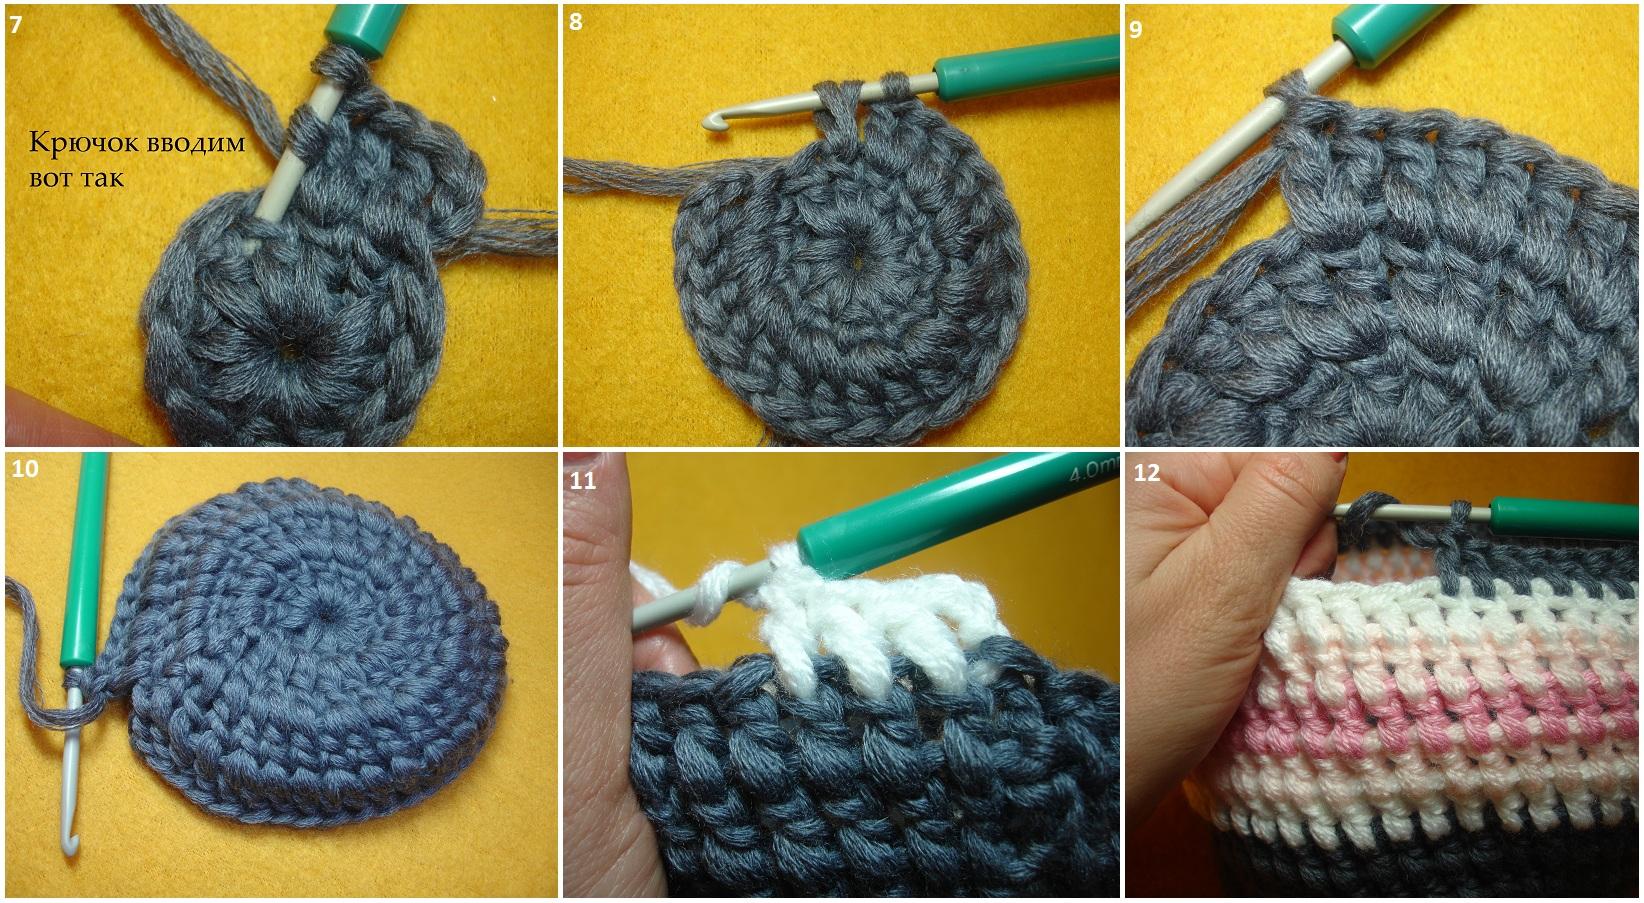 Мастер-класс по вязанию шапочки крючком   Вязание для детей   В ... 1fa2241e897a1